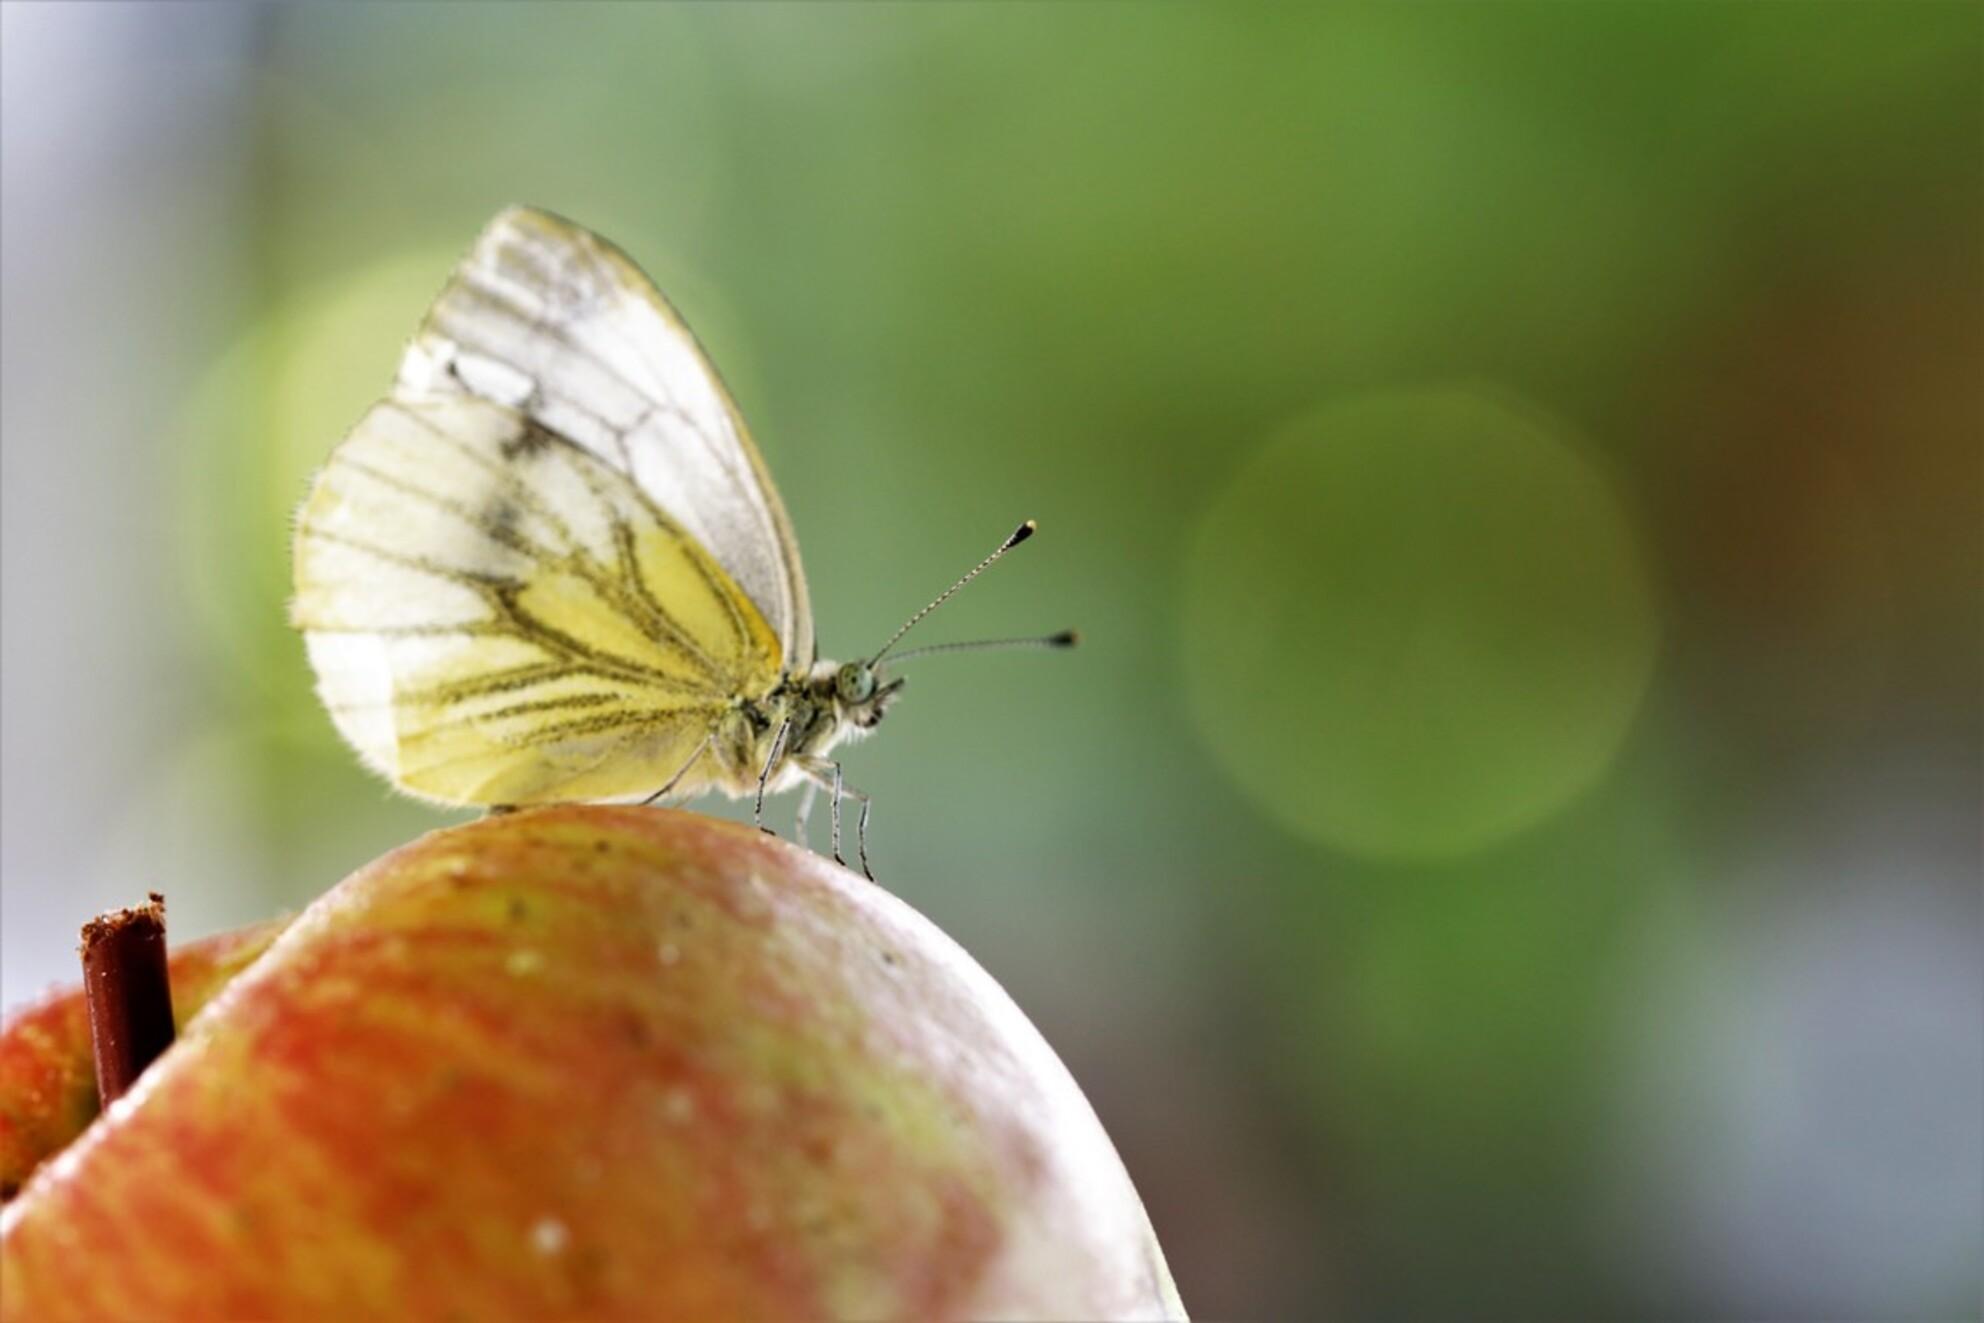 appeltje vlindertje - vlinder op een appel in de tuin  16-8-2020 - foto door mieke58 op 16-08-2020 - deze foto bevat: groen, rood, macro, wit, natuur, vlinder, bruin, druppel, geel, oranje, tuin, appel, zomer, insect, dauw, dof, bokeh - Deze foto mag gebruikt worden in een Zoom.nl publicatie